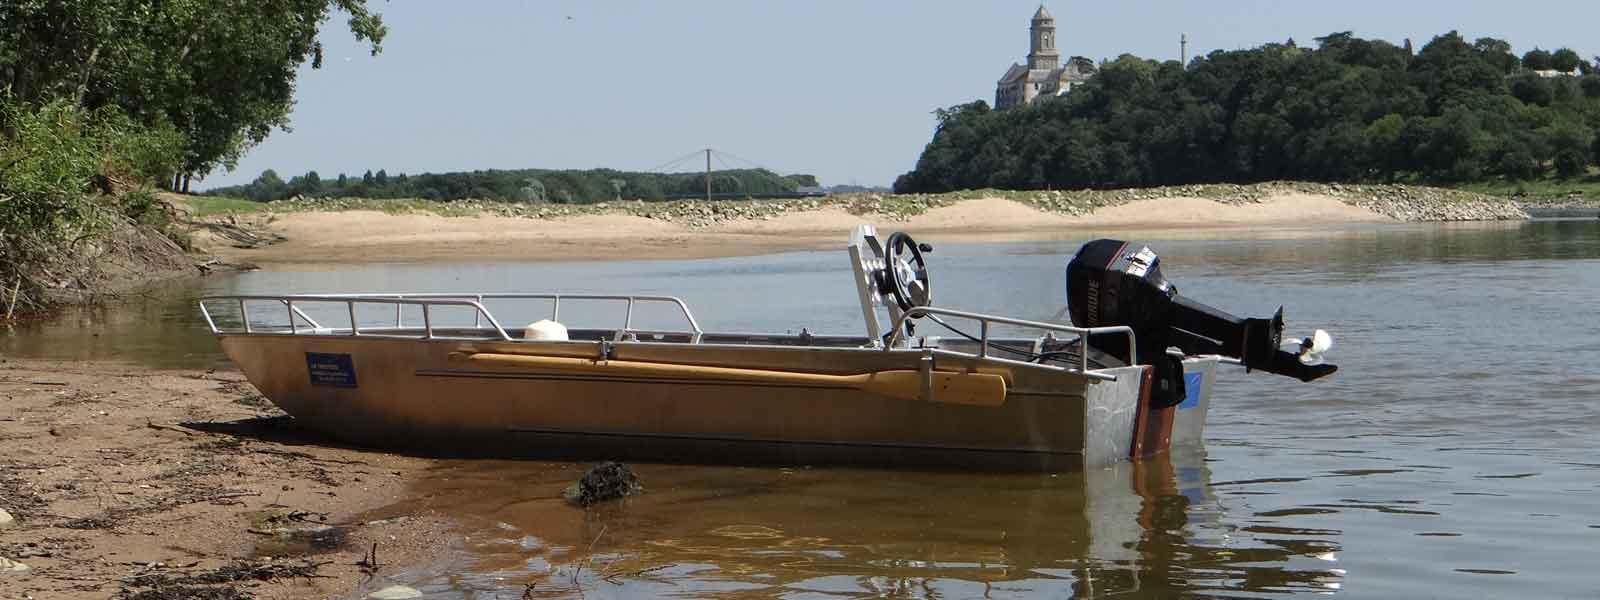 Freizeit- und Ausflugsboot